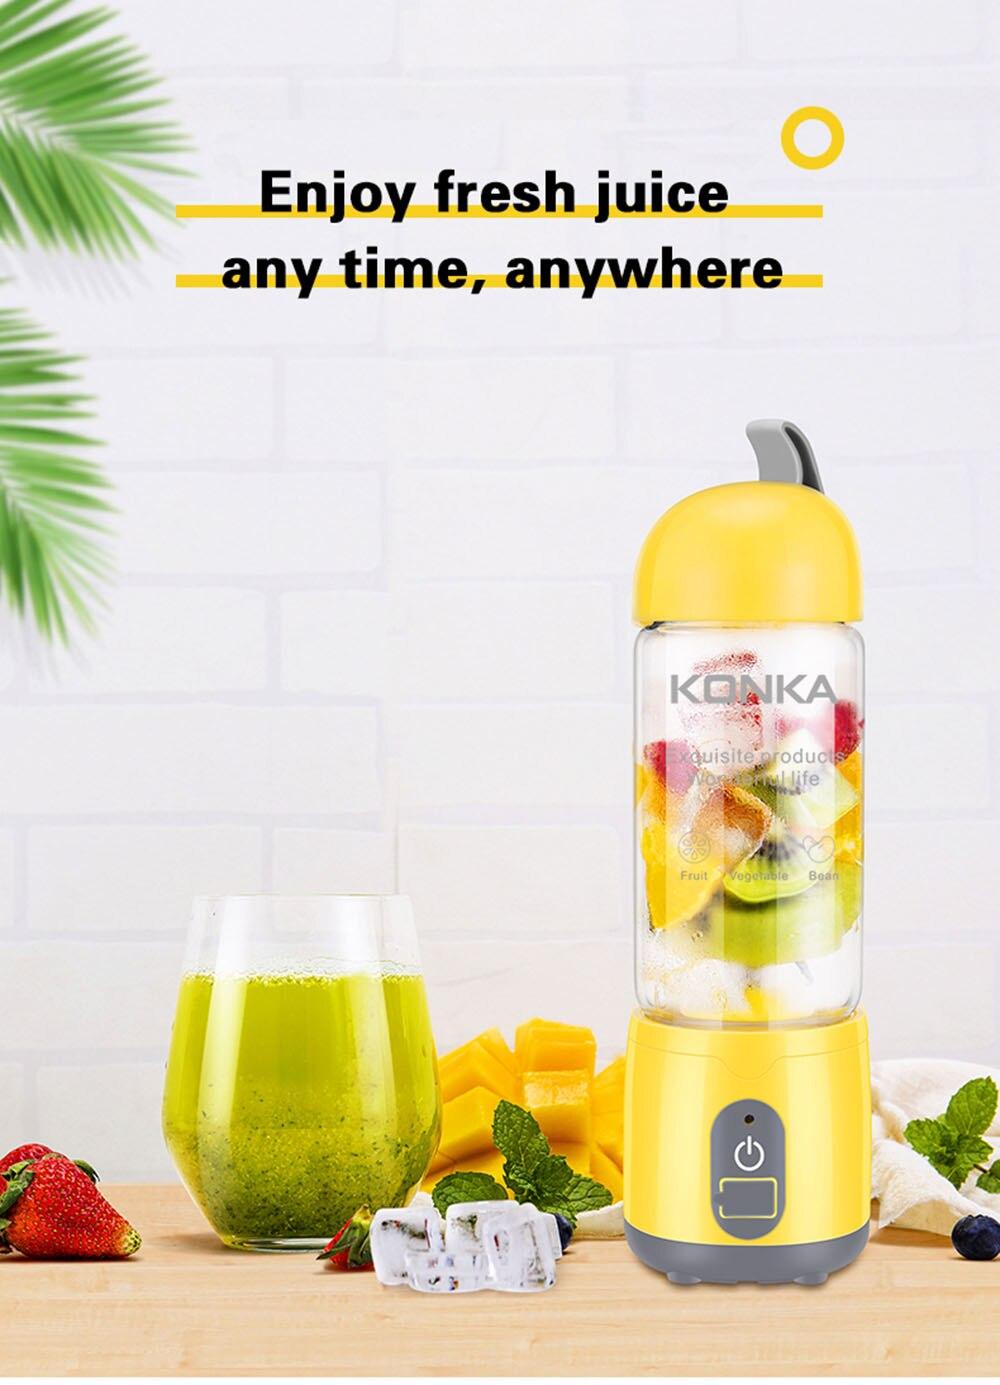 黄色果汁杯_01